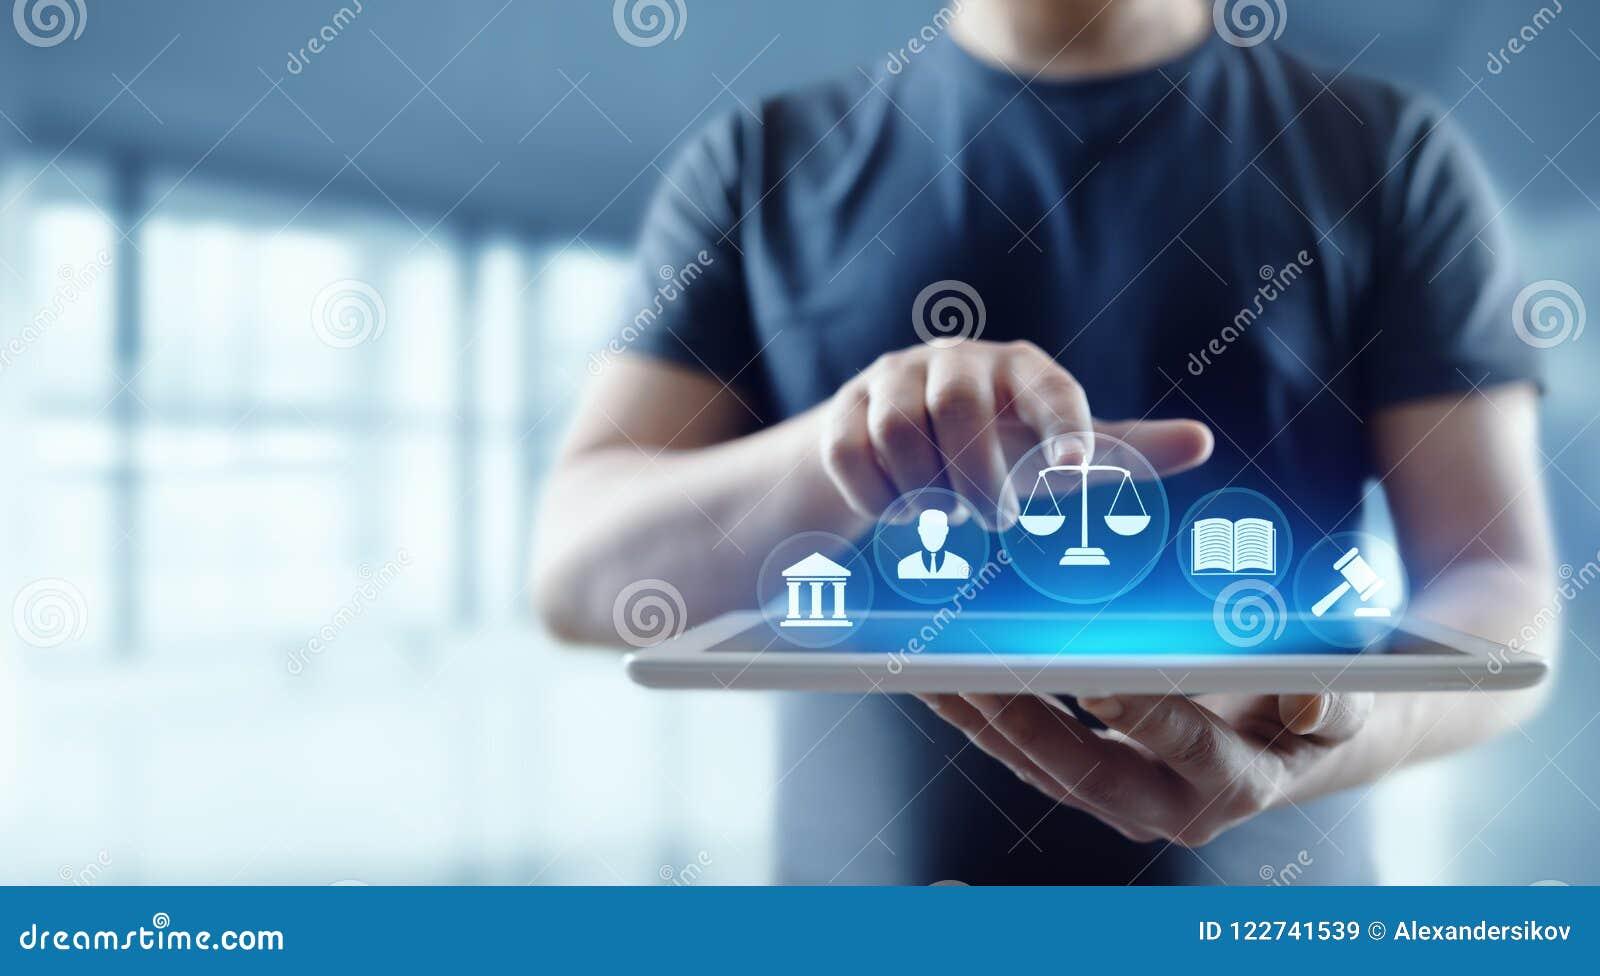 Prawo Pracy prawnika technologii Legalny Biznesowy Internetowy pojęcie